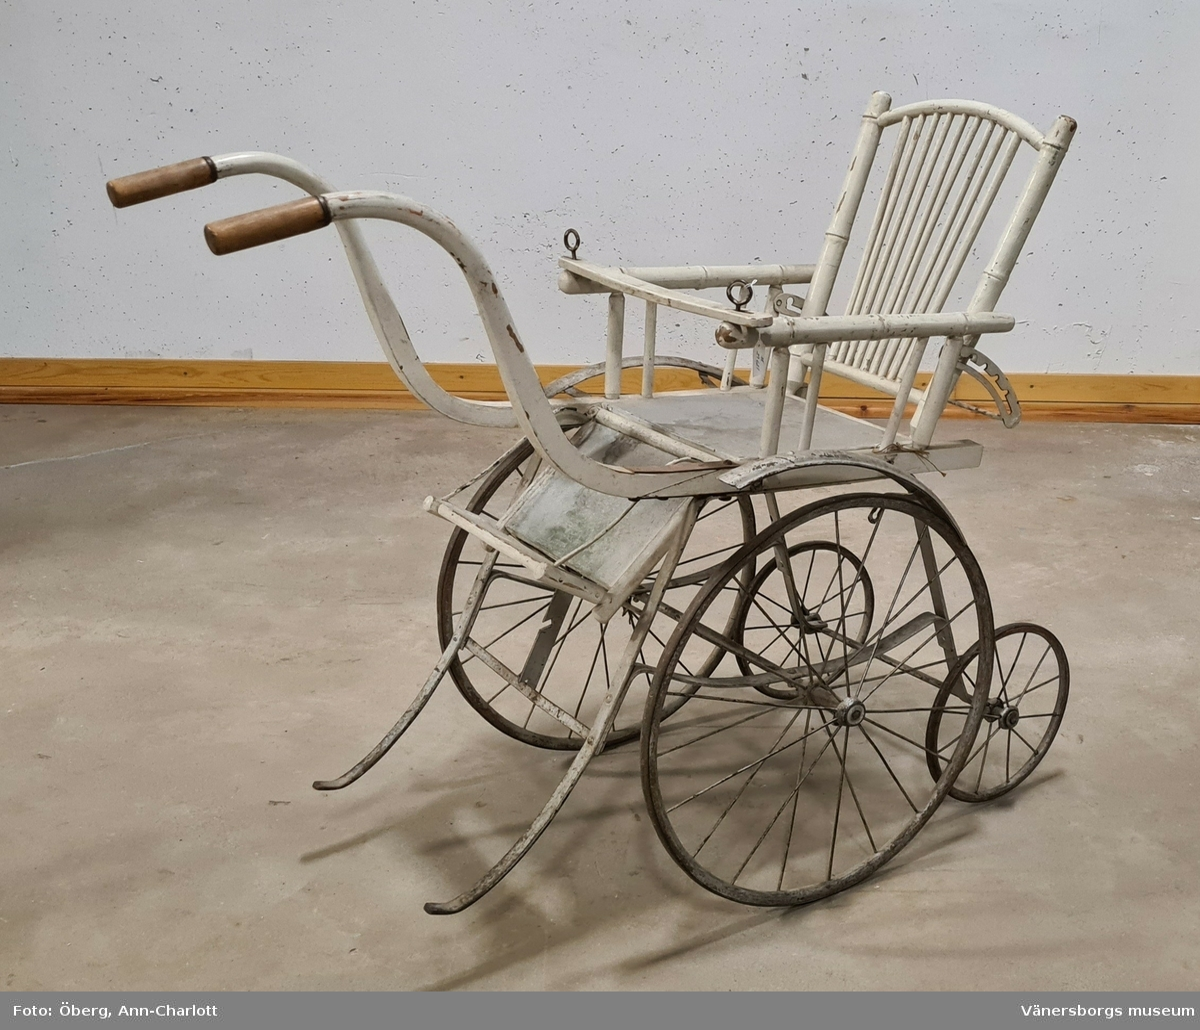 Barnvagn, sittvagn, sittkärra i trä. Kärran har två handtag. Större hjul fram och mindre hjul baktill. Ryggen är reglerbar.